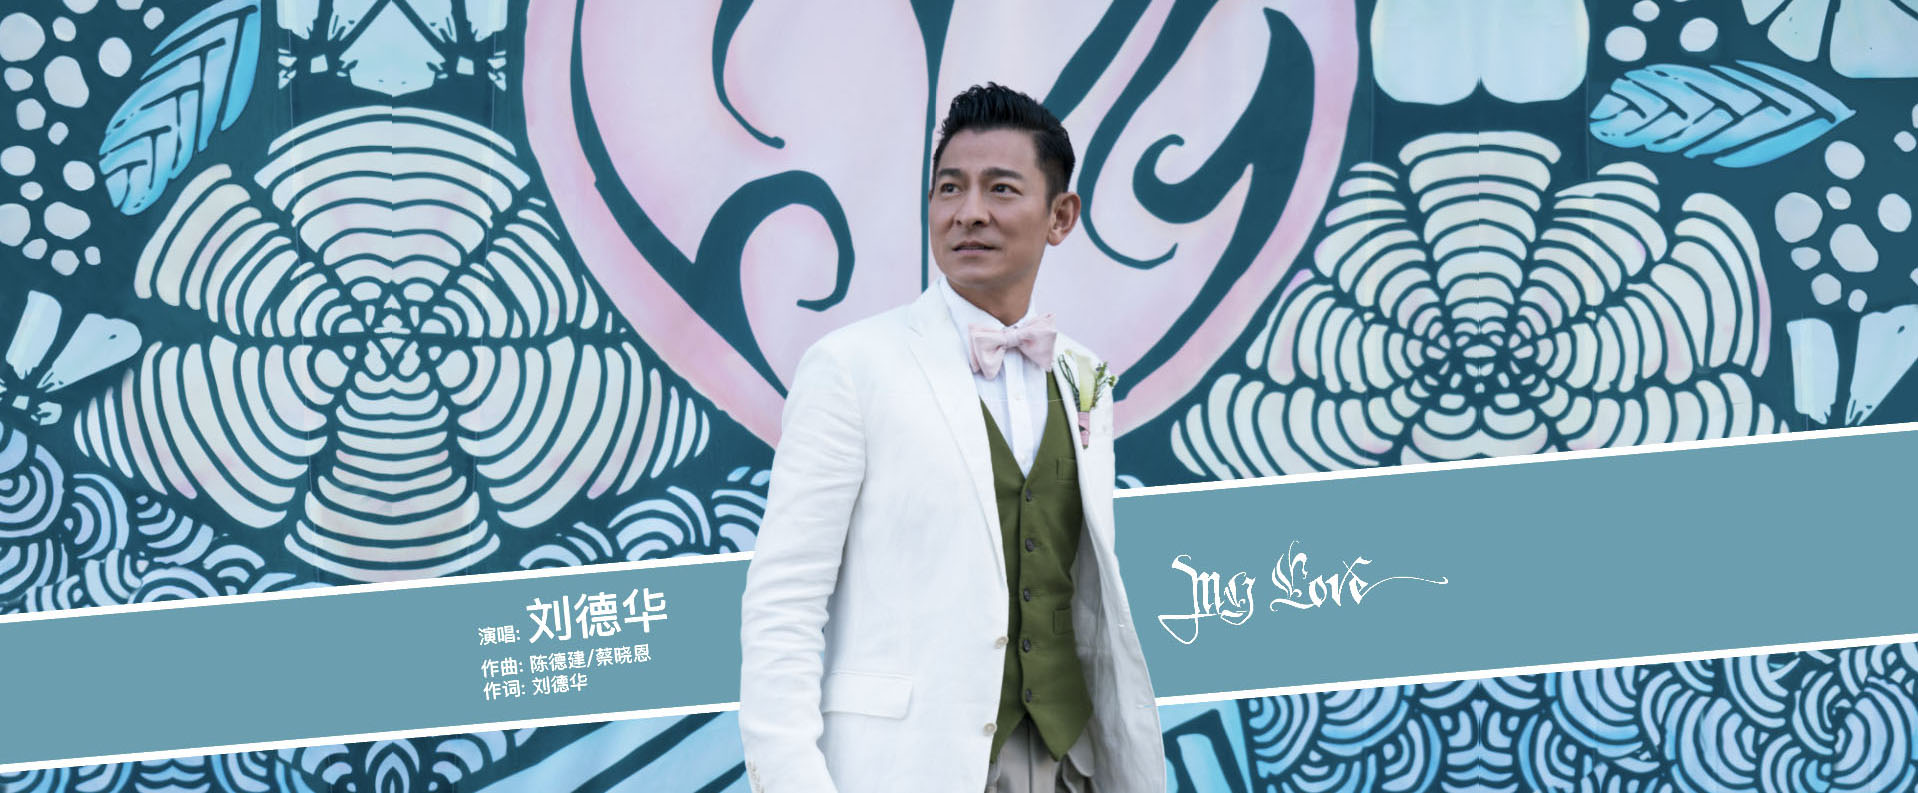 刘德华推出演唱会同名主题曲《My Love》